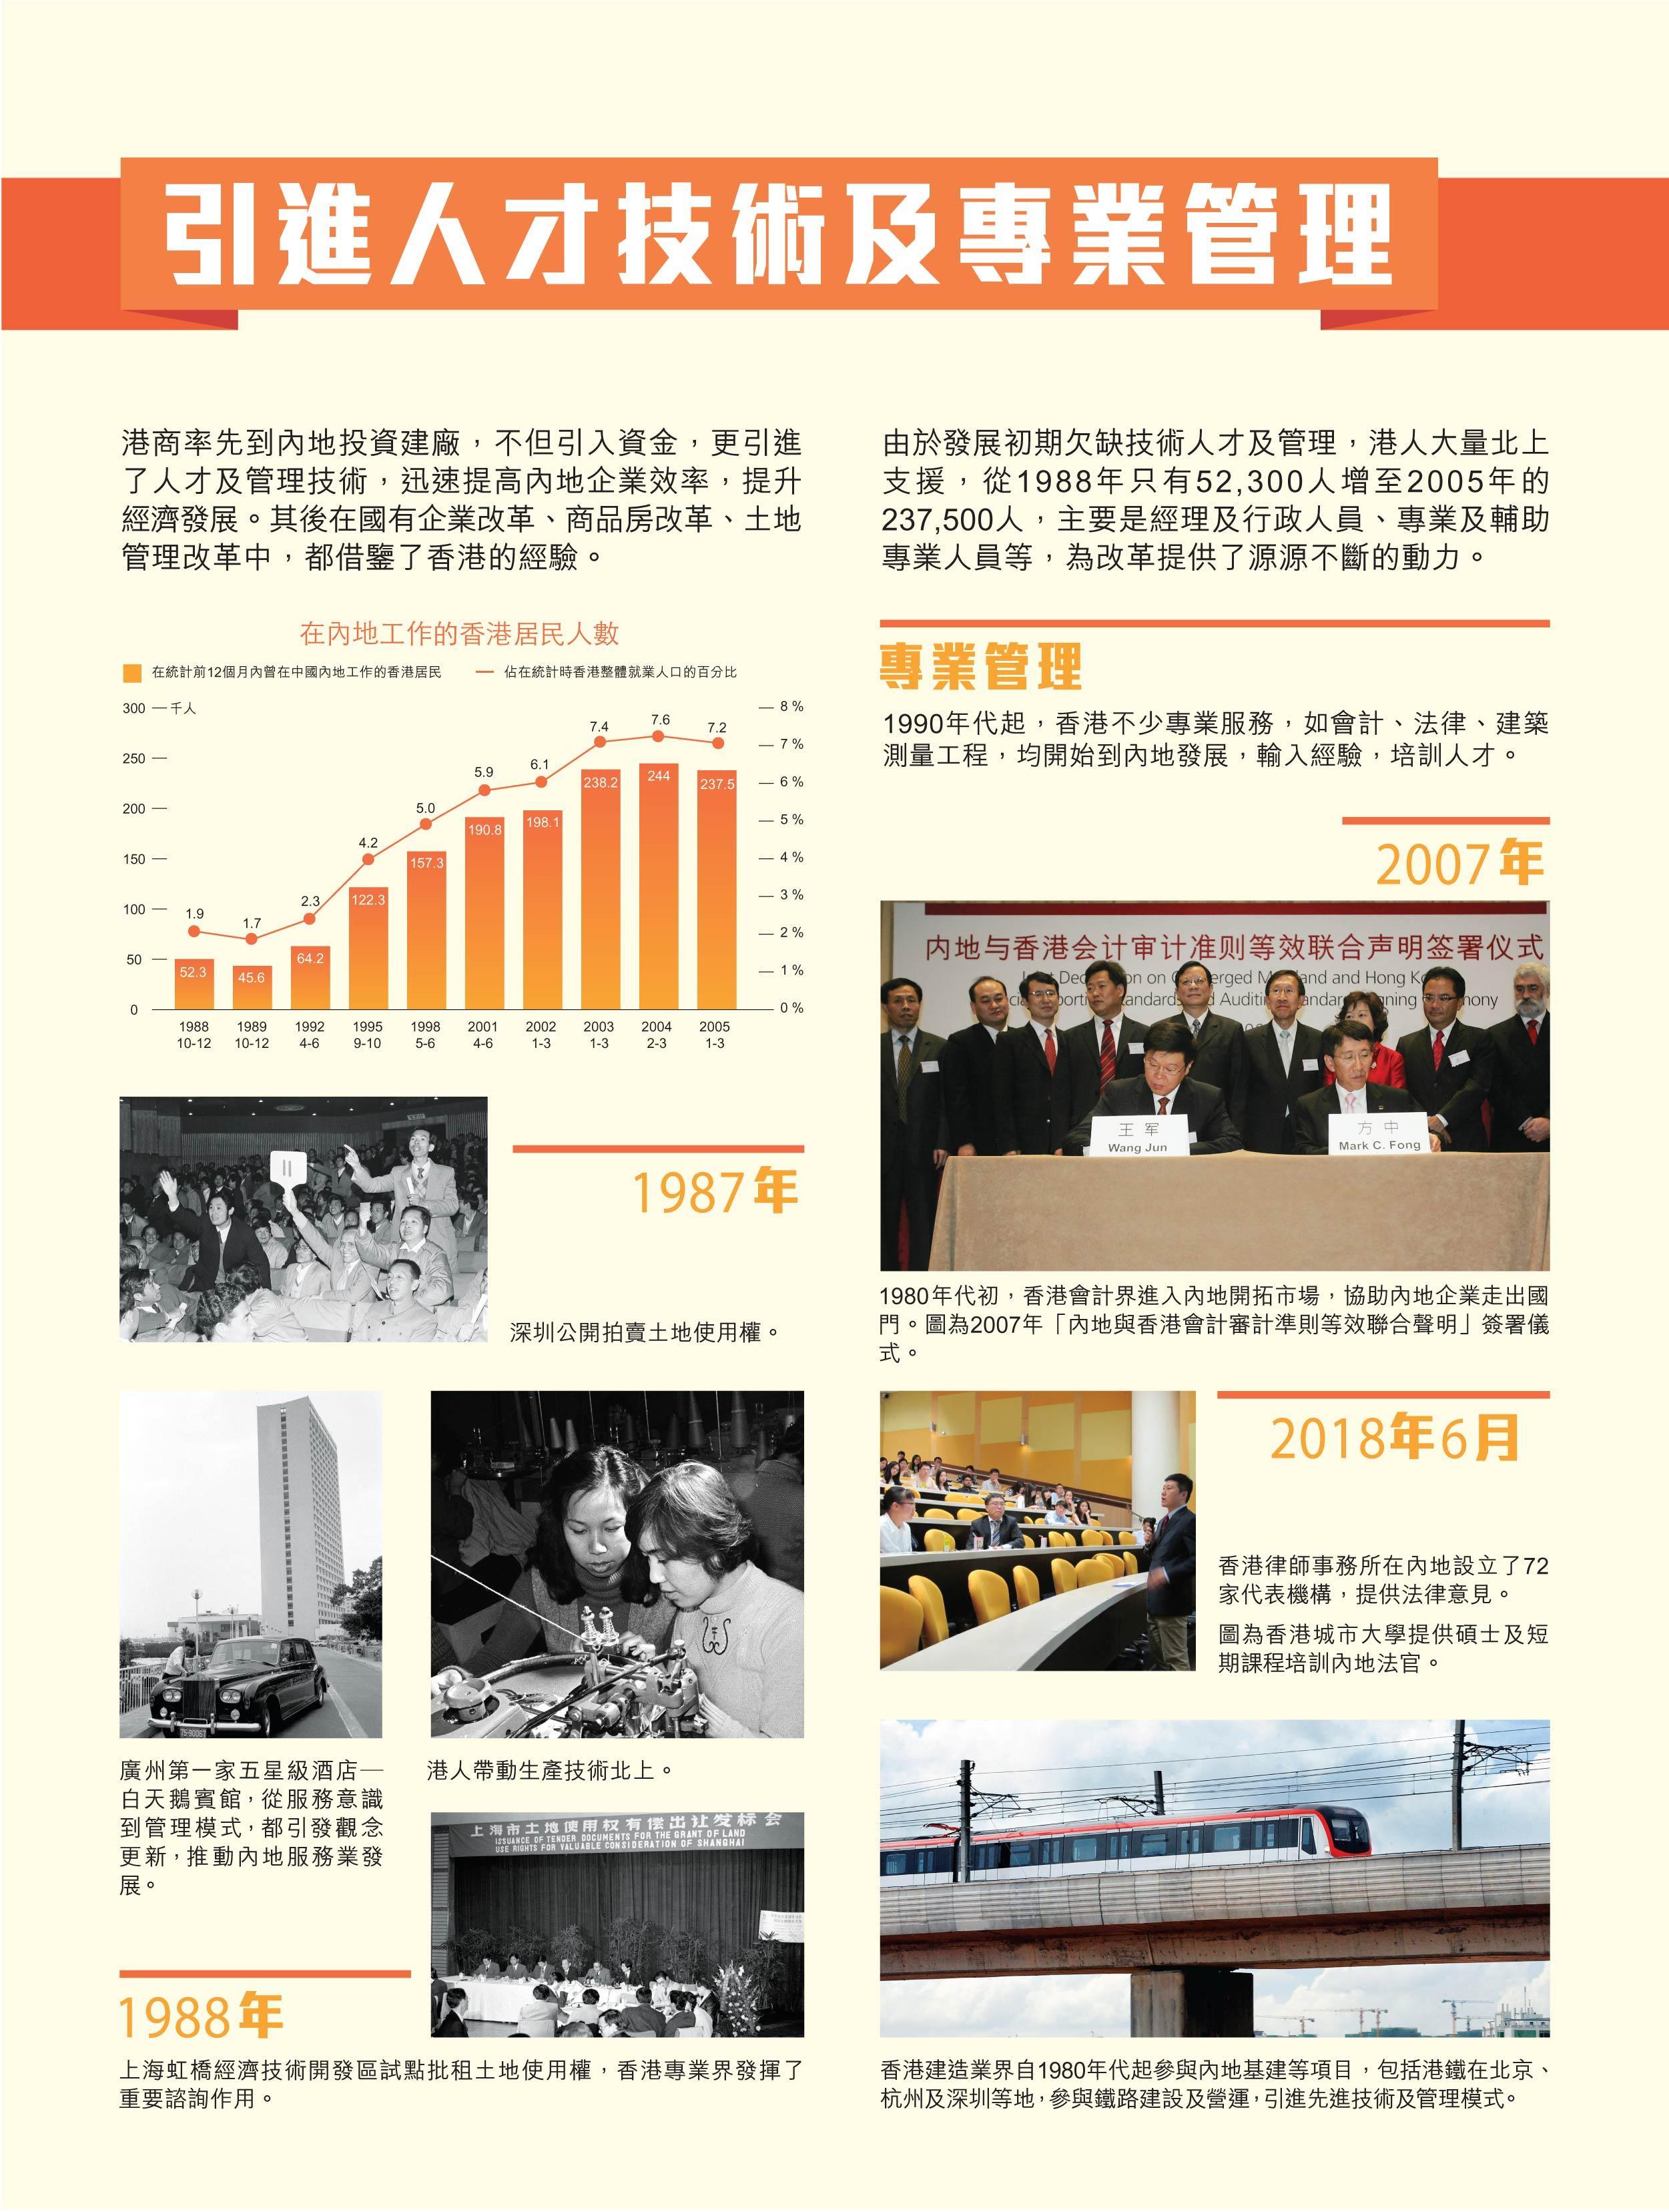 gaige_xiangganggongxian_panel_p4_aw_oct29_websize-yinjinrencai